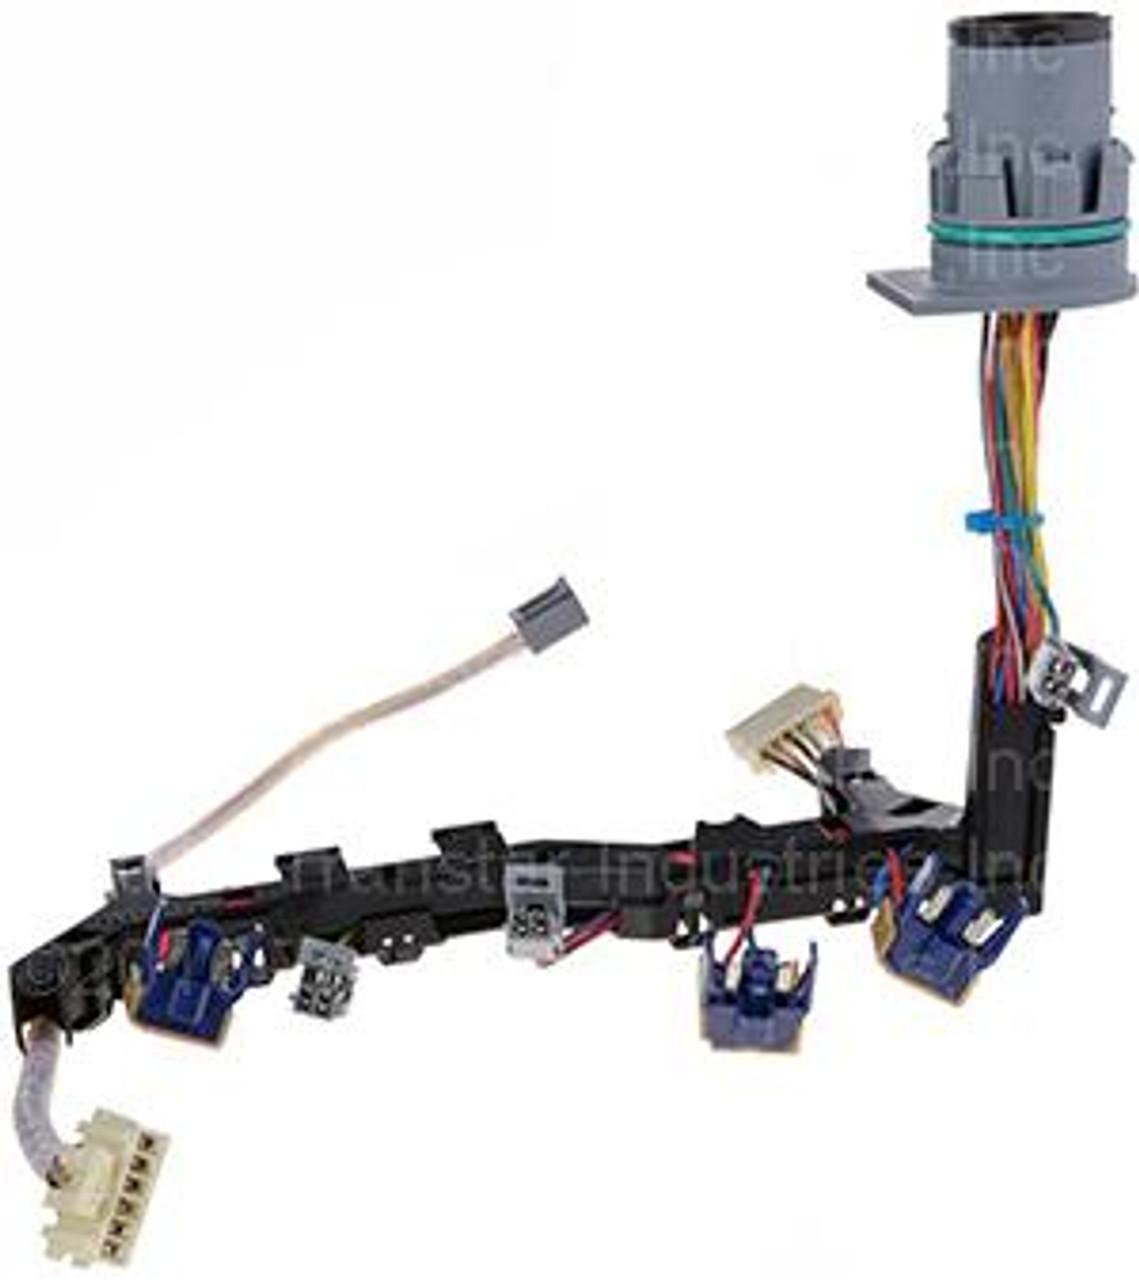 allison transmission wiring harness allison lt 1000 2000 2400 transmission internal wiring harness  transmission internal wiring harness